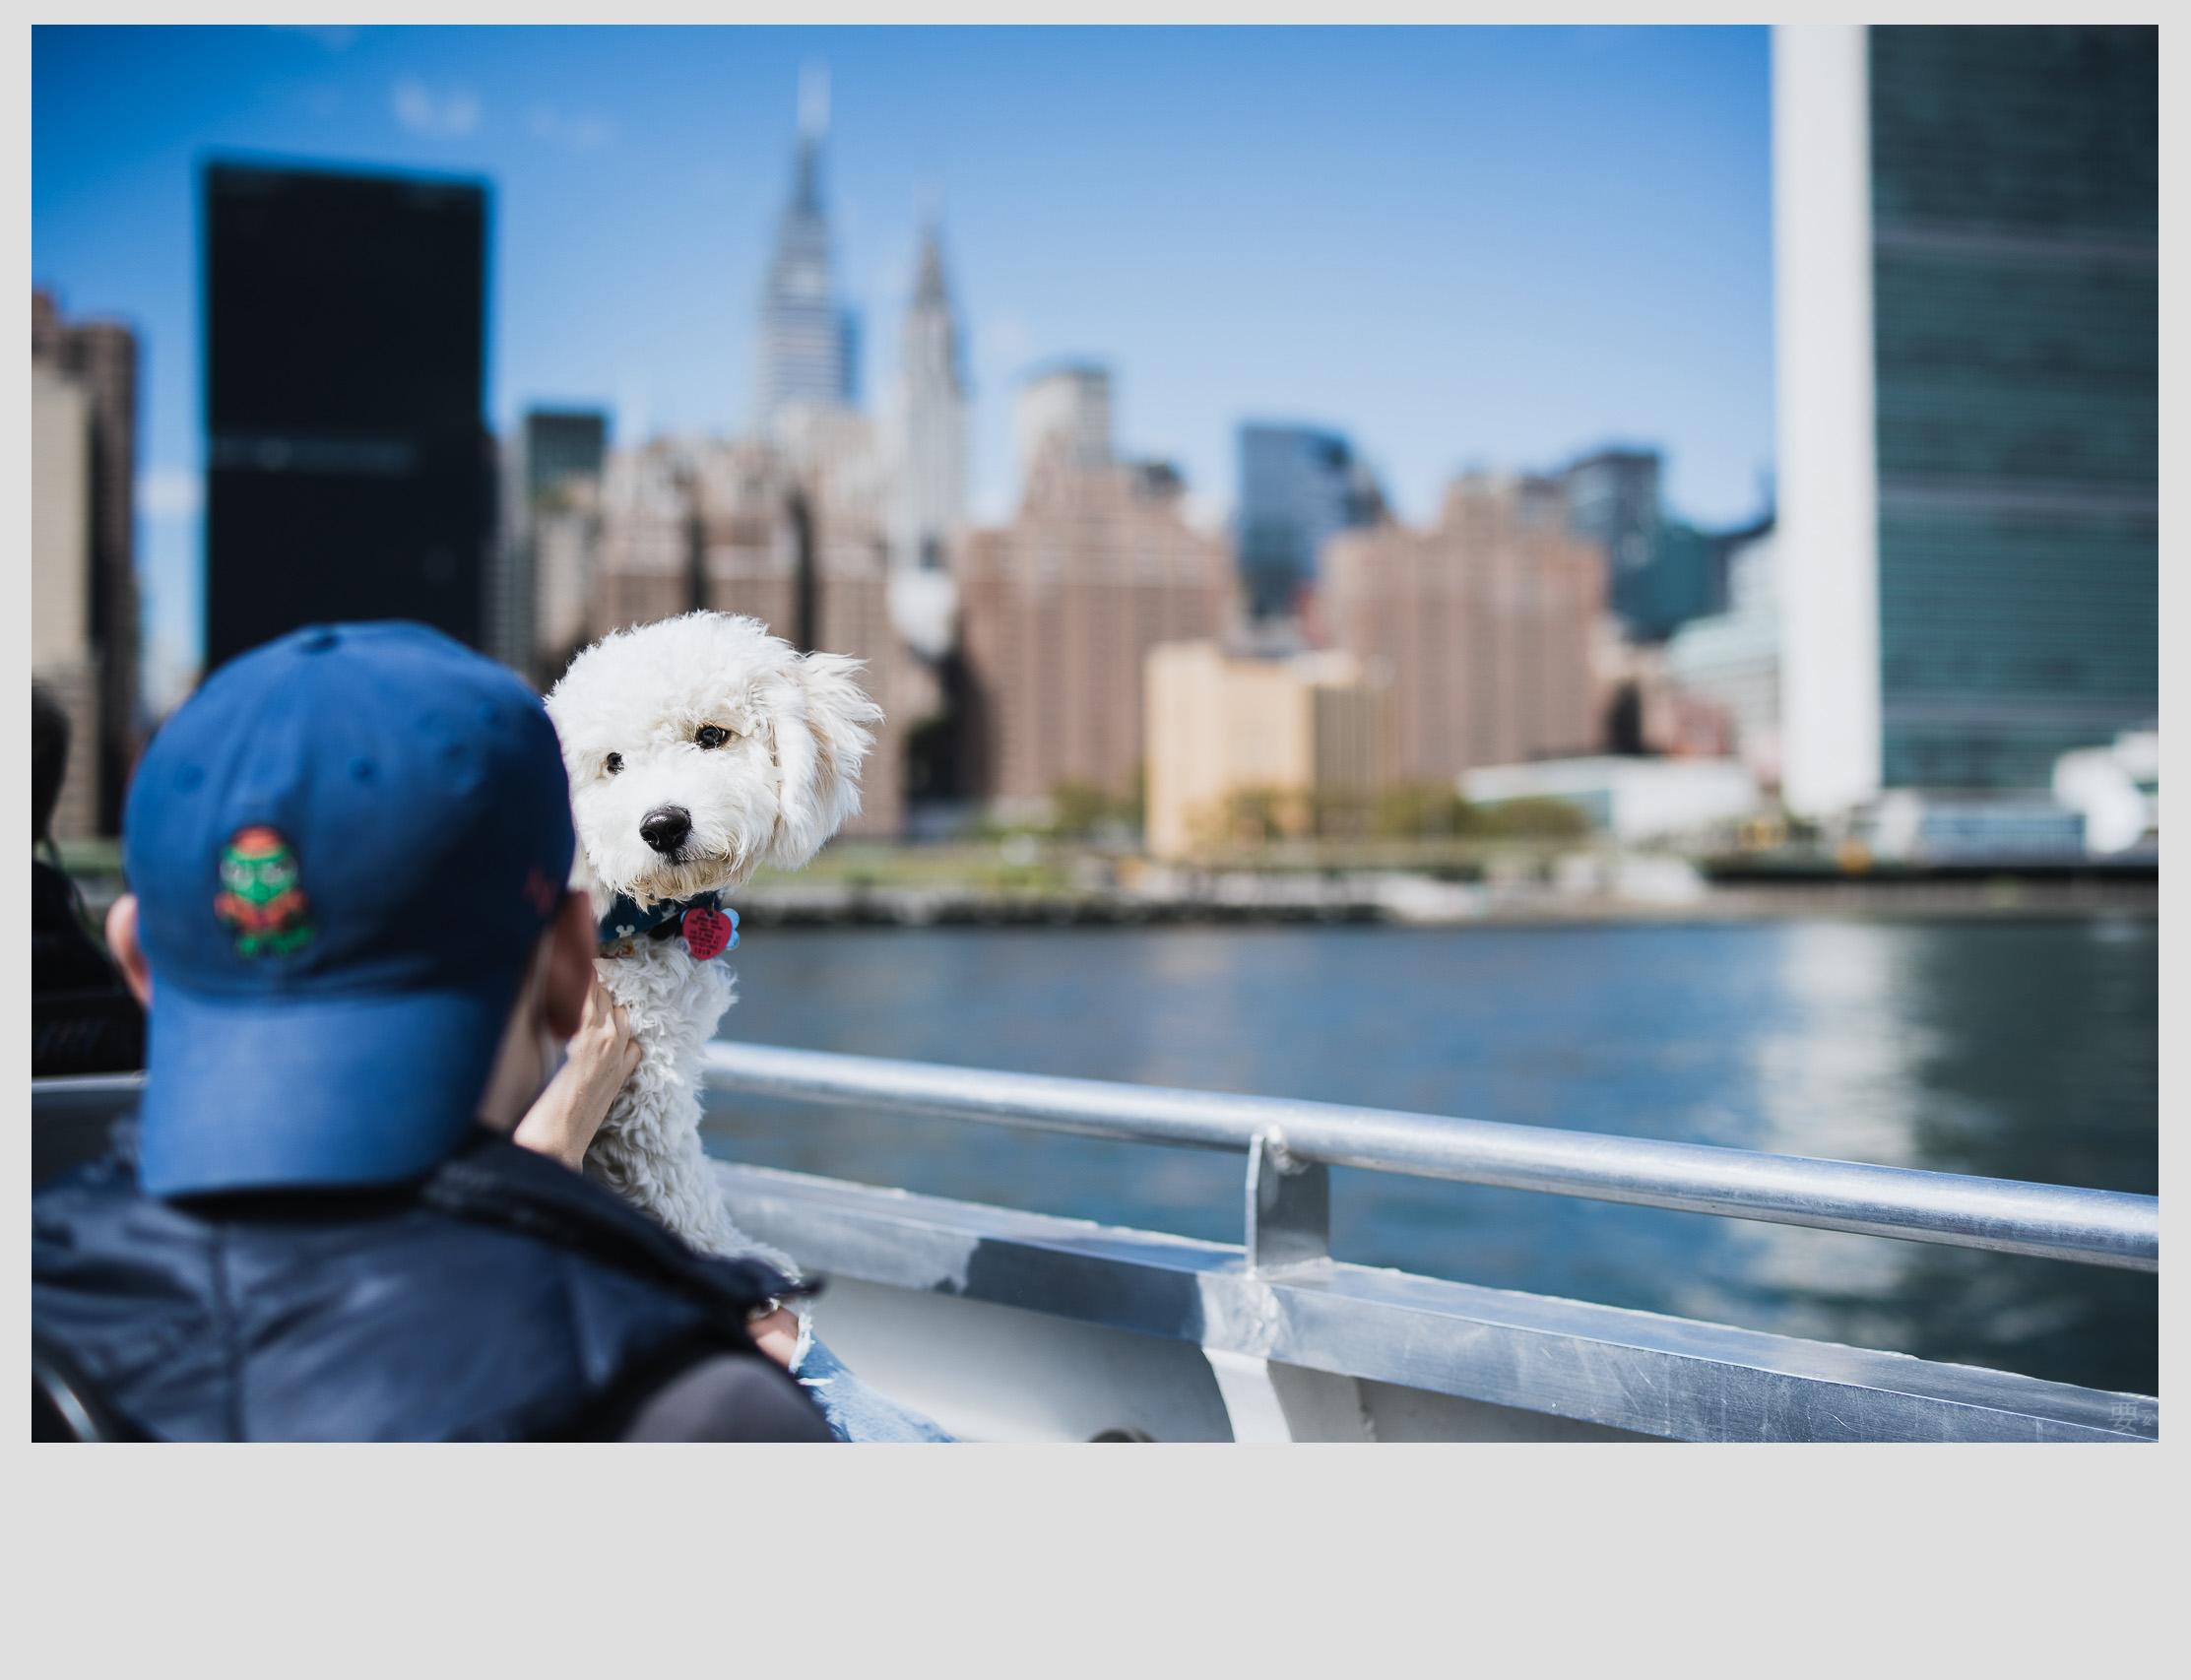 福伦达 Nokton 40mm f1.2 索尼e口手动镜头 - 长期使用报告